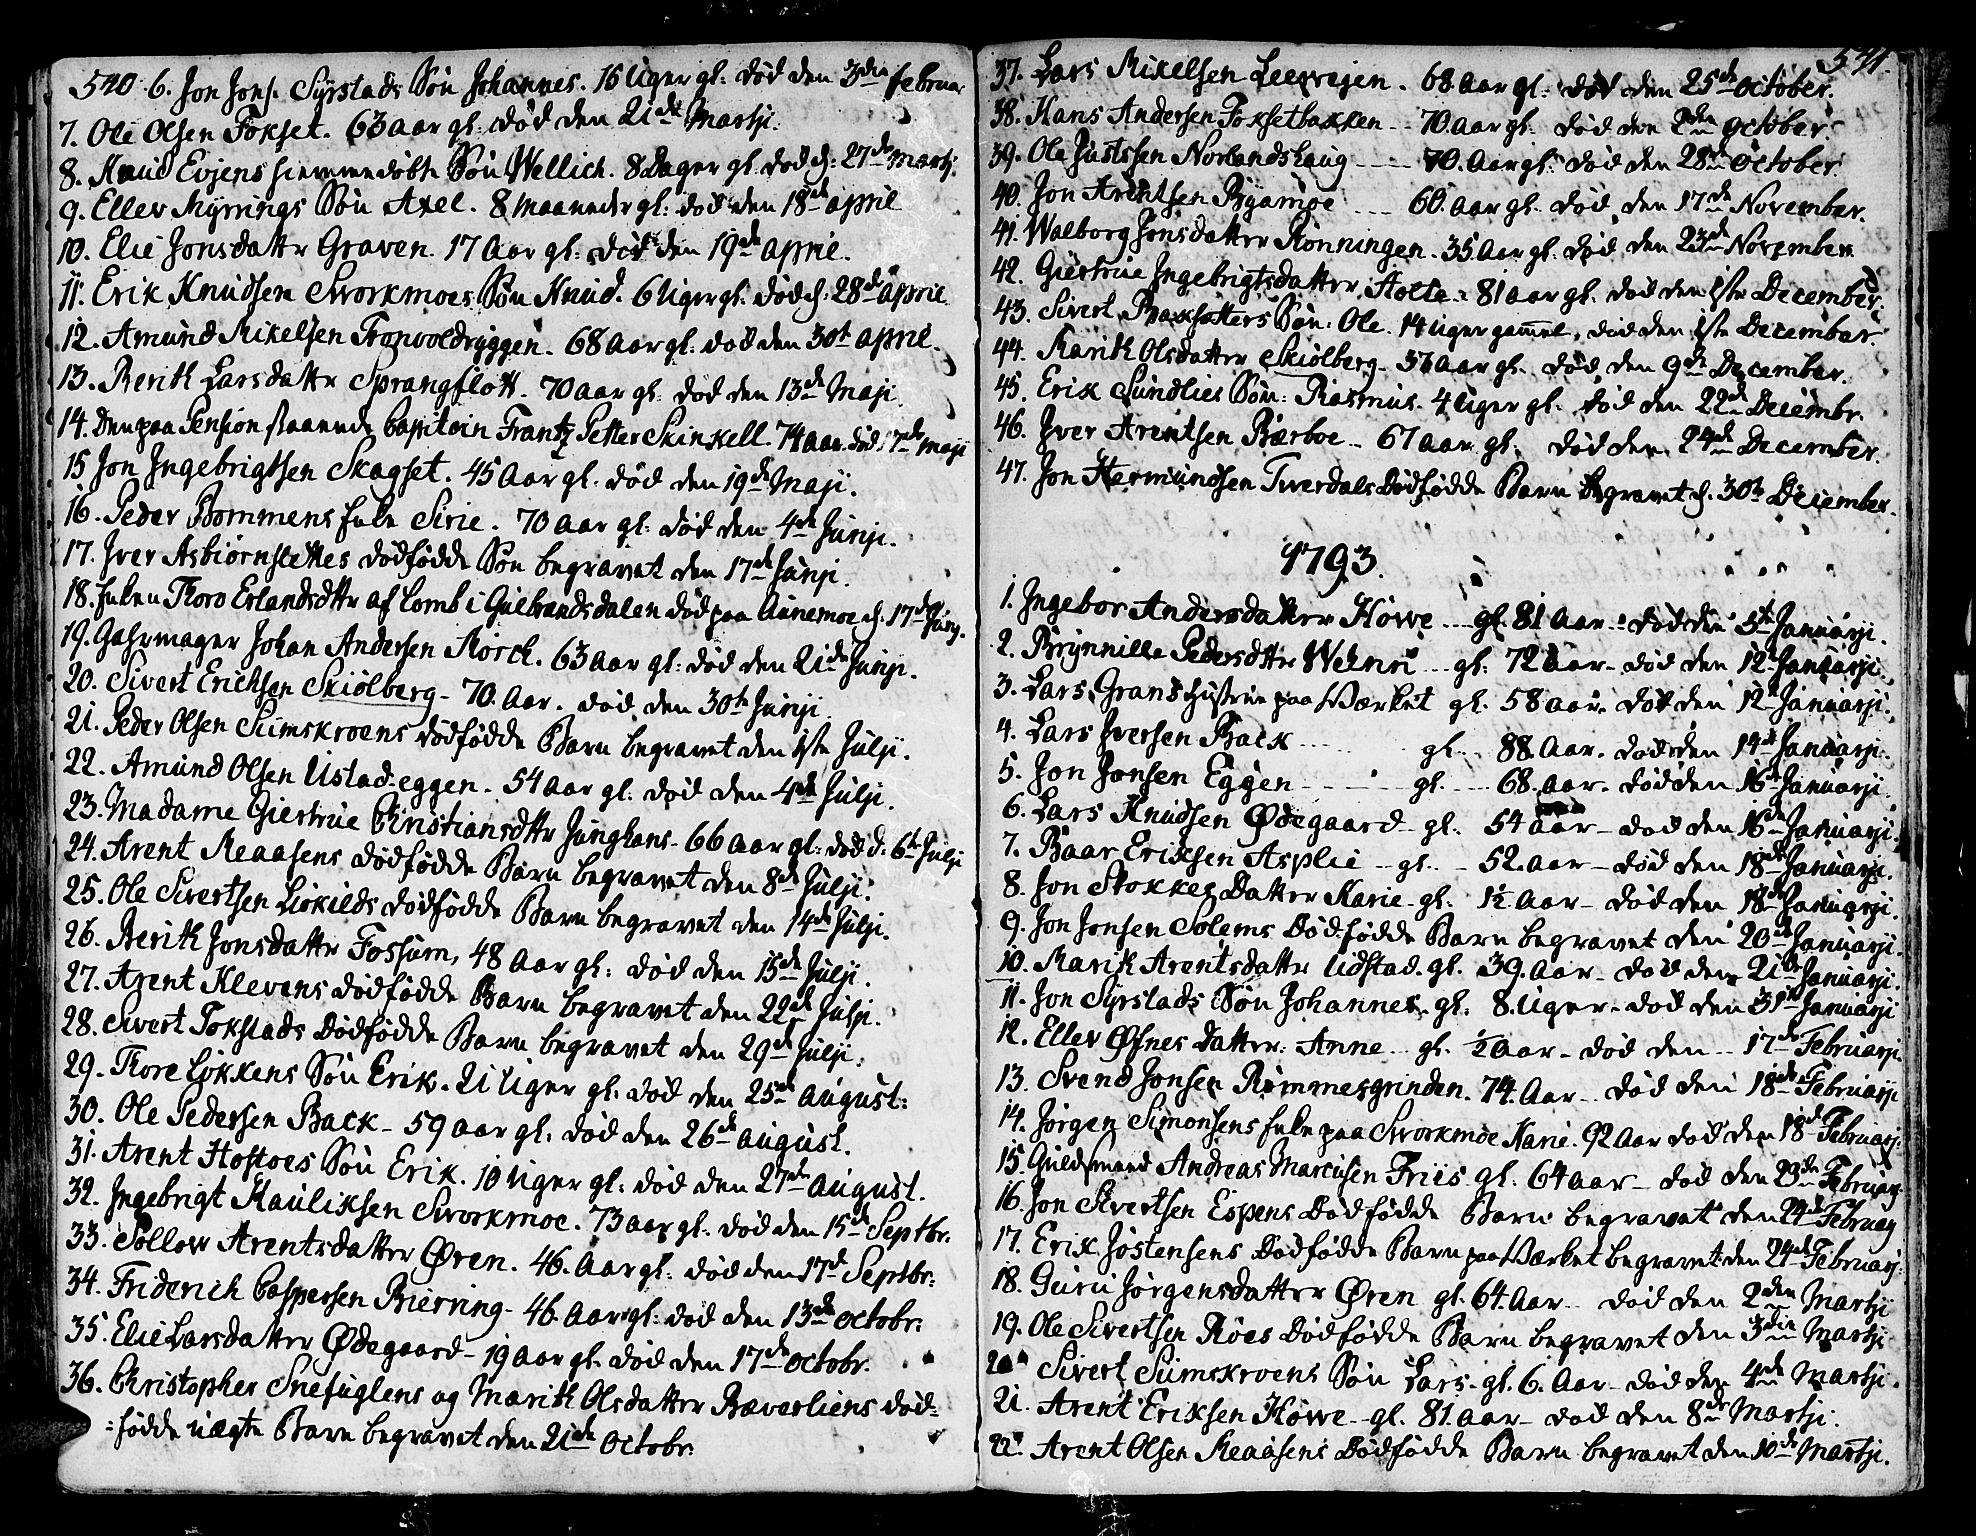 SAT, Ministerialprotokoller, klokkerbøker og fødselsregistre - Sør-Trøndelag, 668/L0802: Ministerialbok nr. 668A02, 1776-1799, s. 540-541